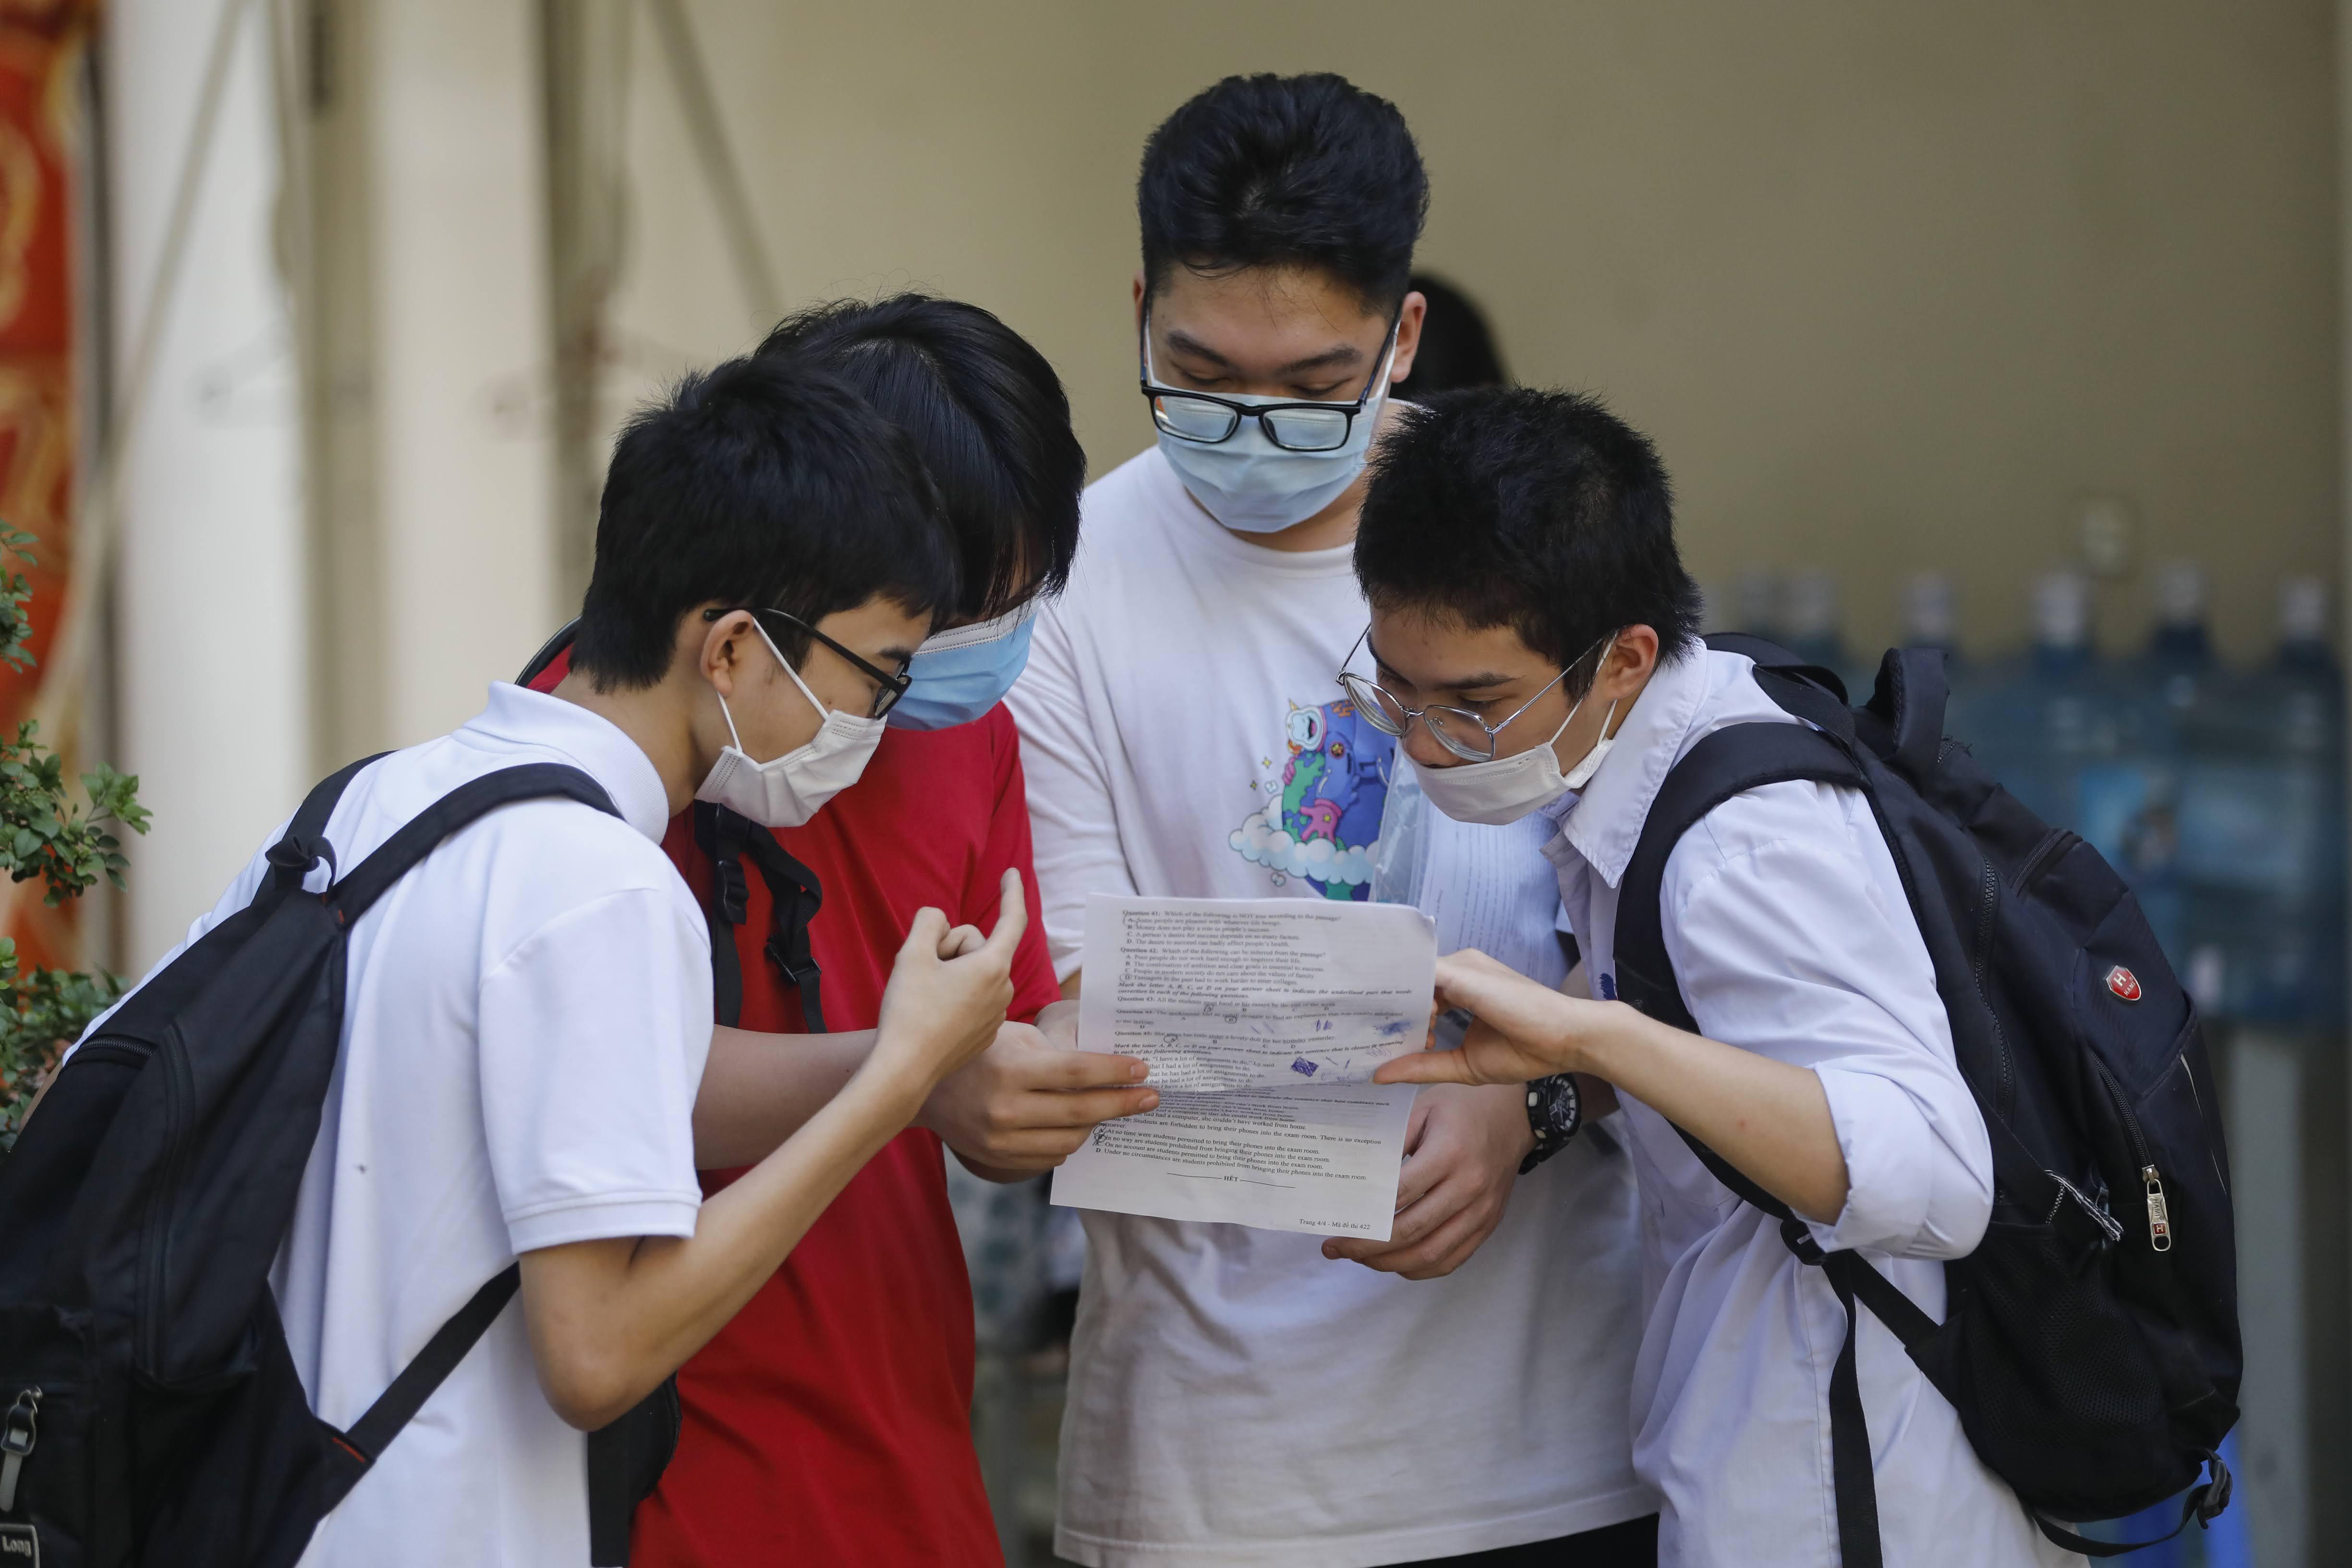 Thí sinh dự thi tốt nghiệp THPT lần 1- năm 2021. Ảnh: Phạm Quang Vinh.